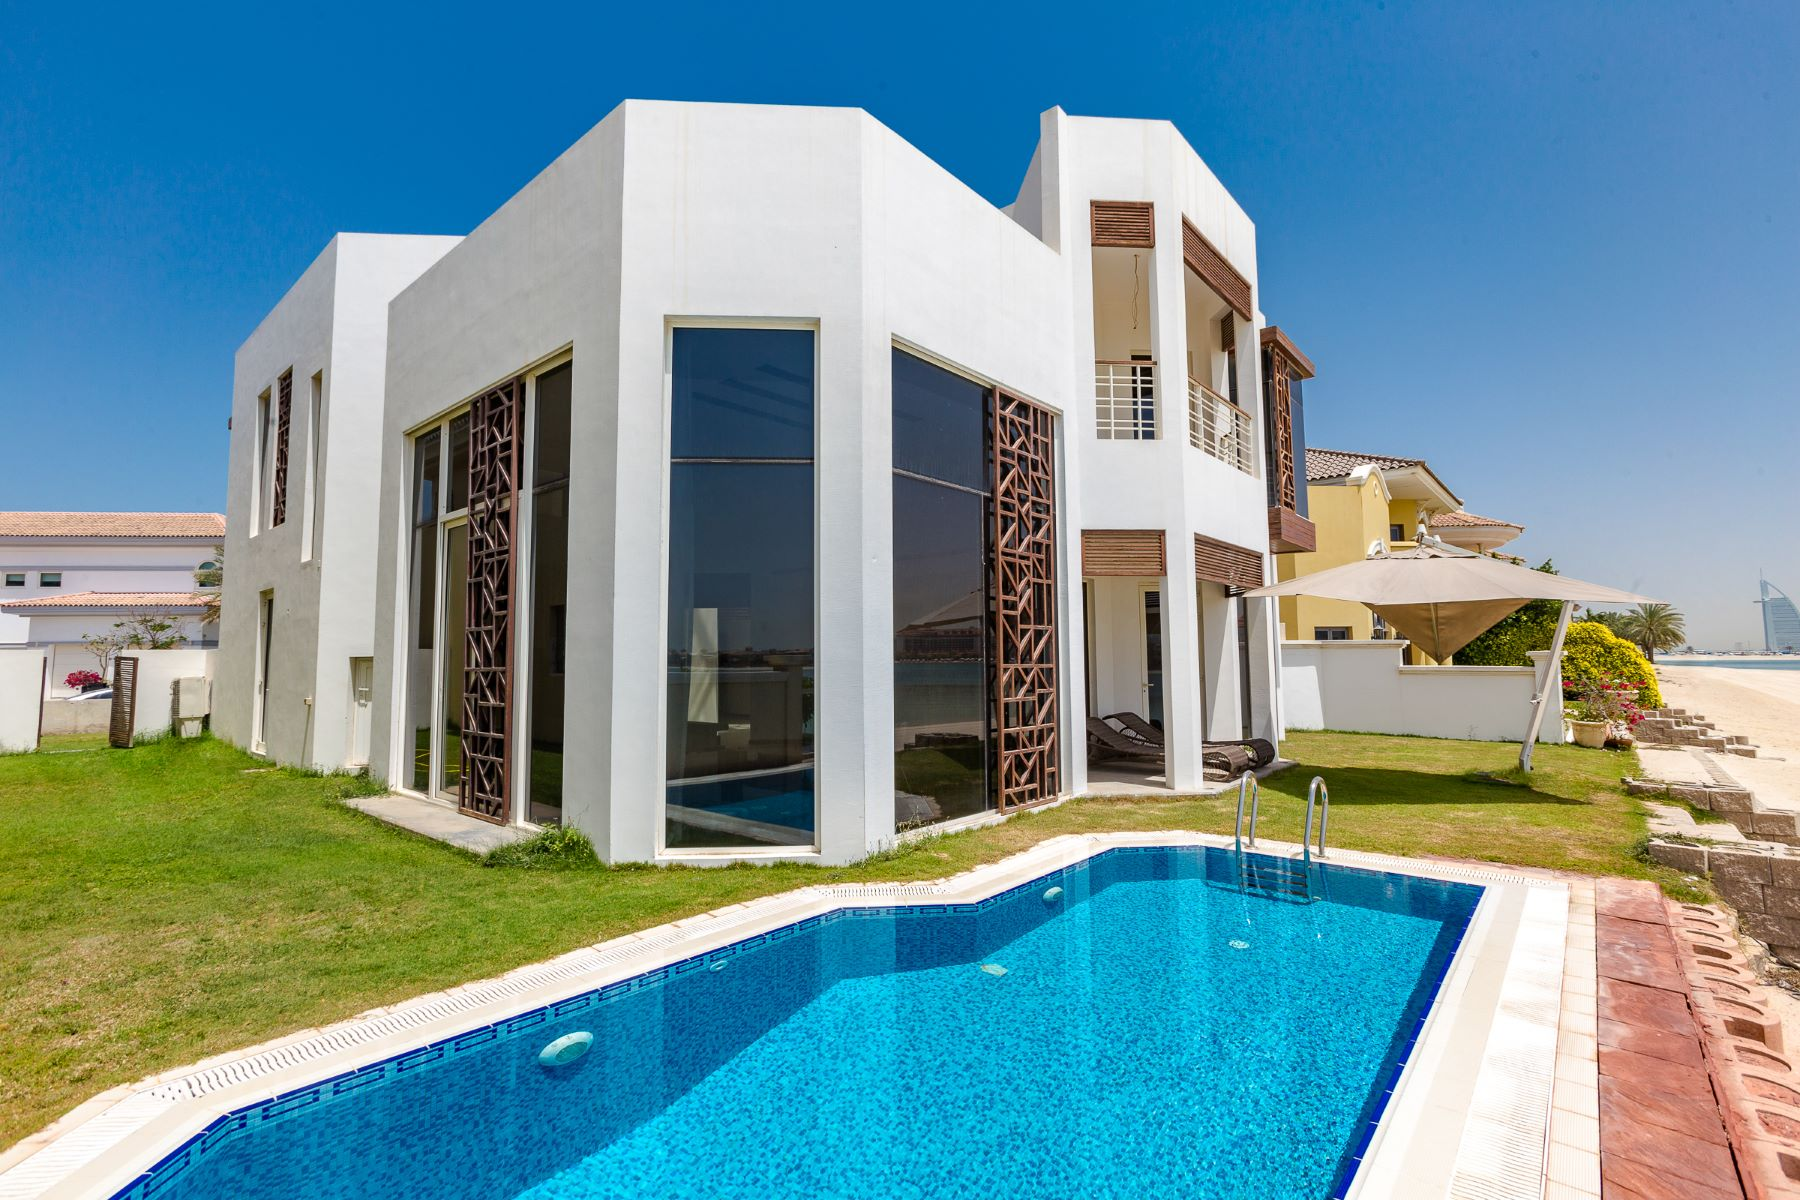 Частный односемейный дом для того Продажа на Bespoke Garden Home Dubai, Объединенные Арабские Эмираты